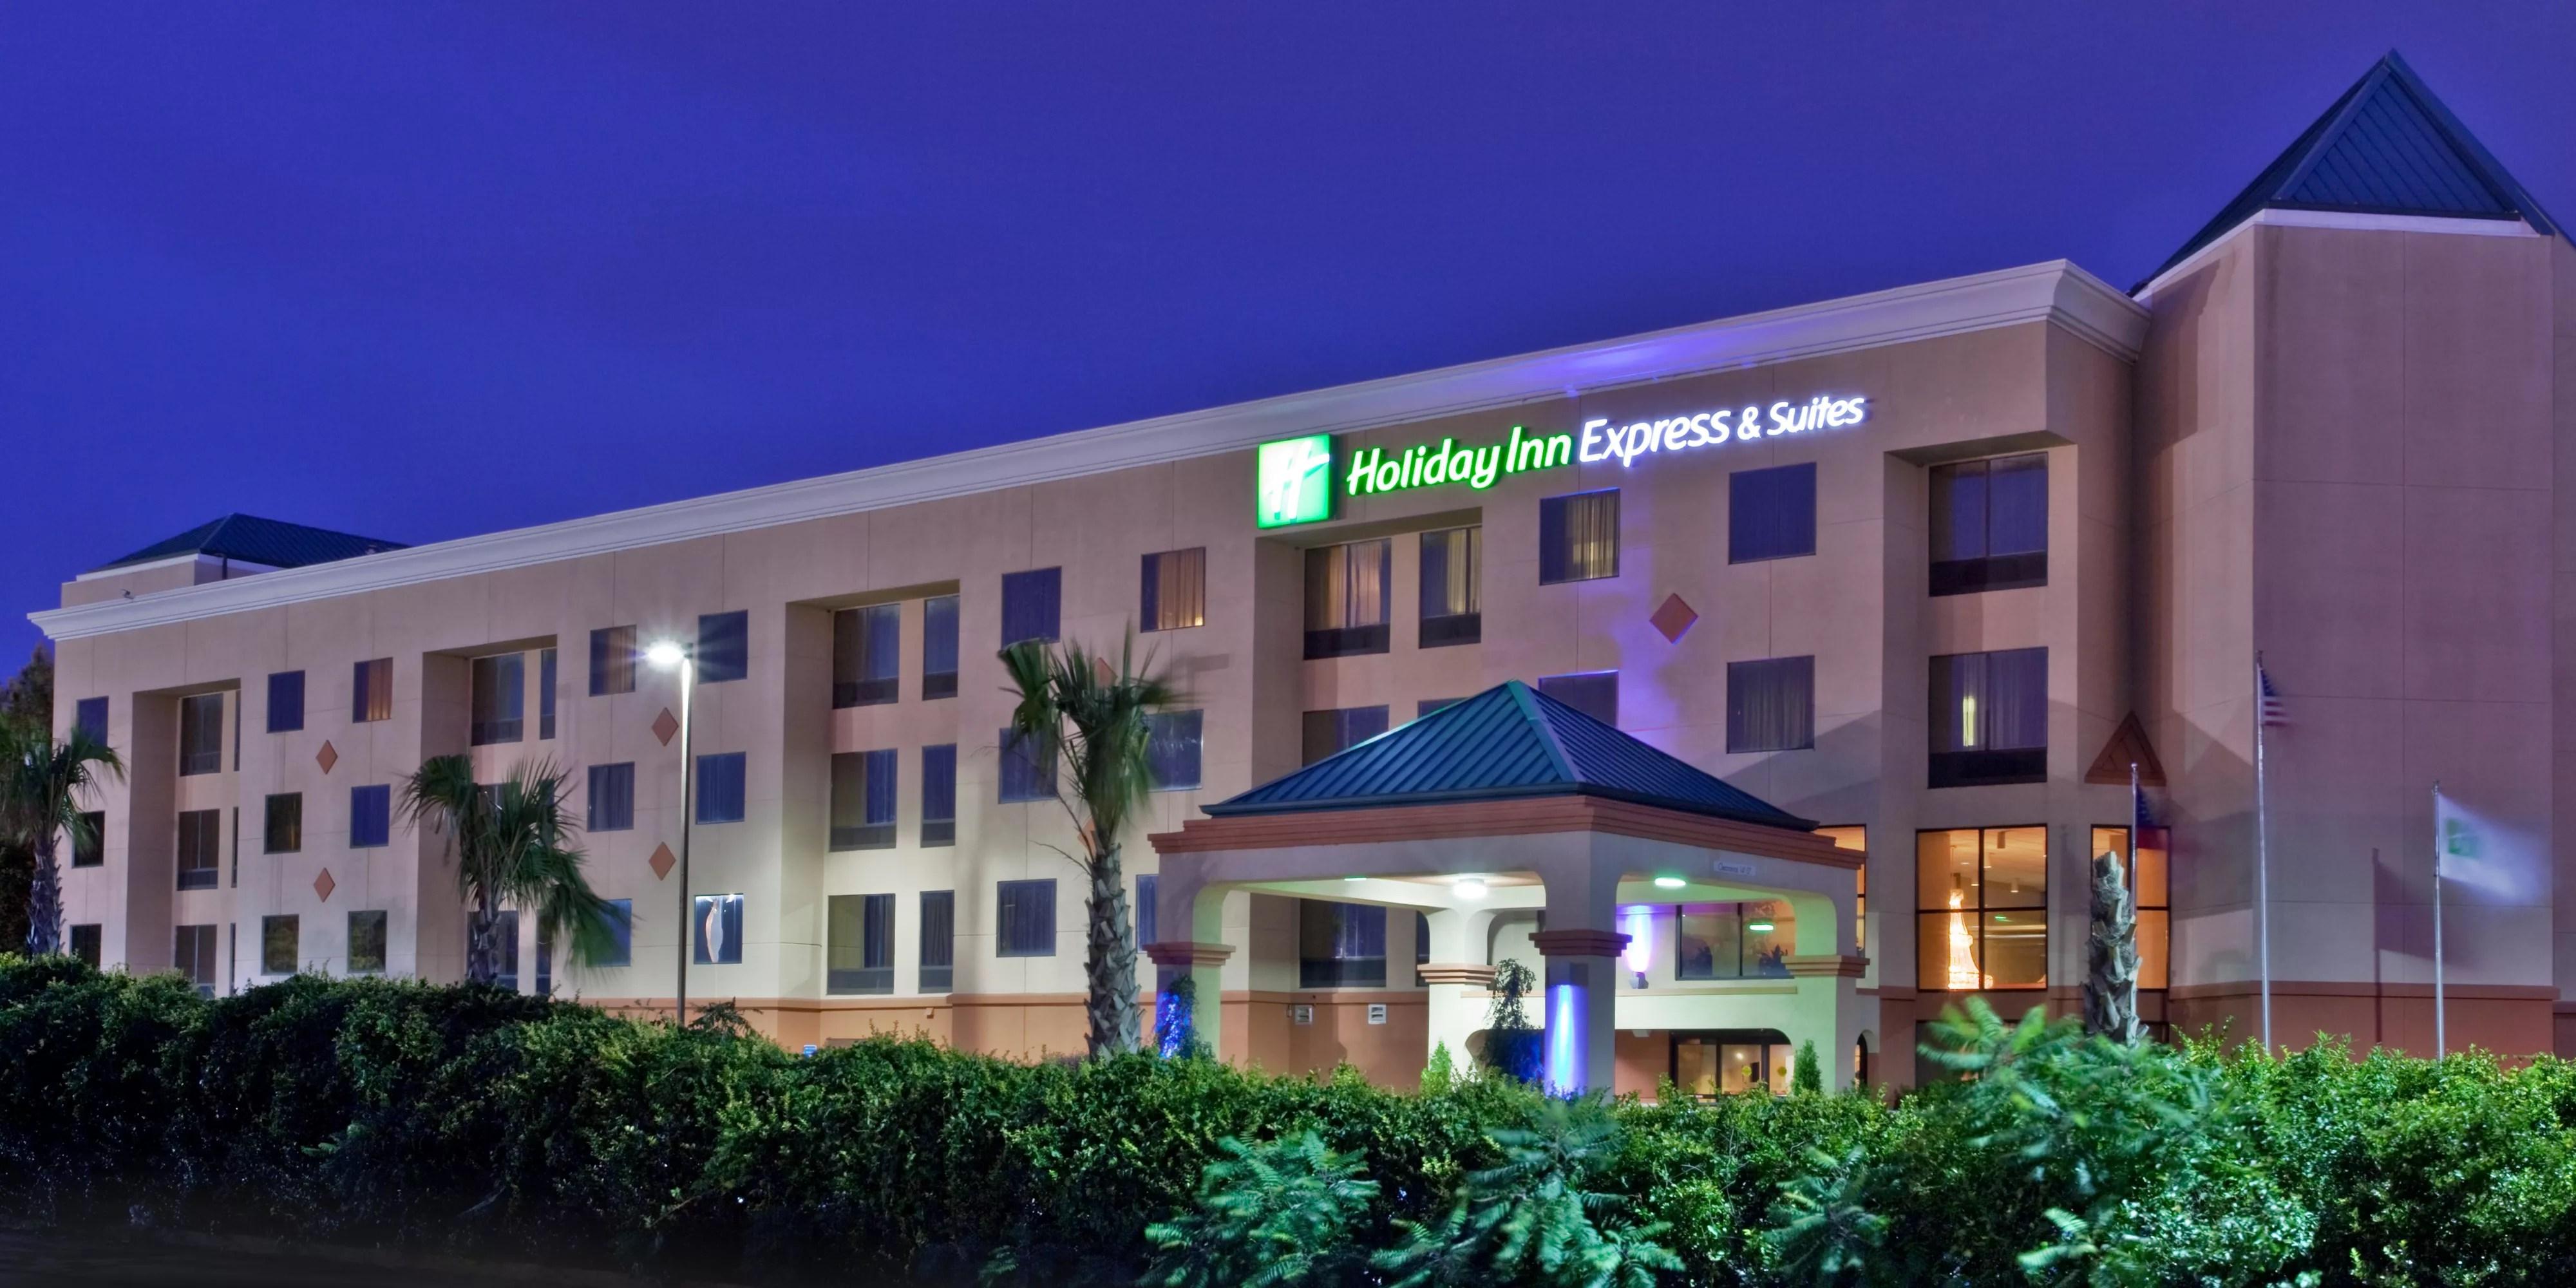 Lawrenceville And Dacula Ga Hotel Holiday Inn Express